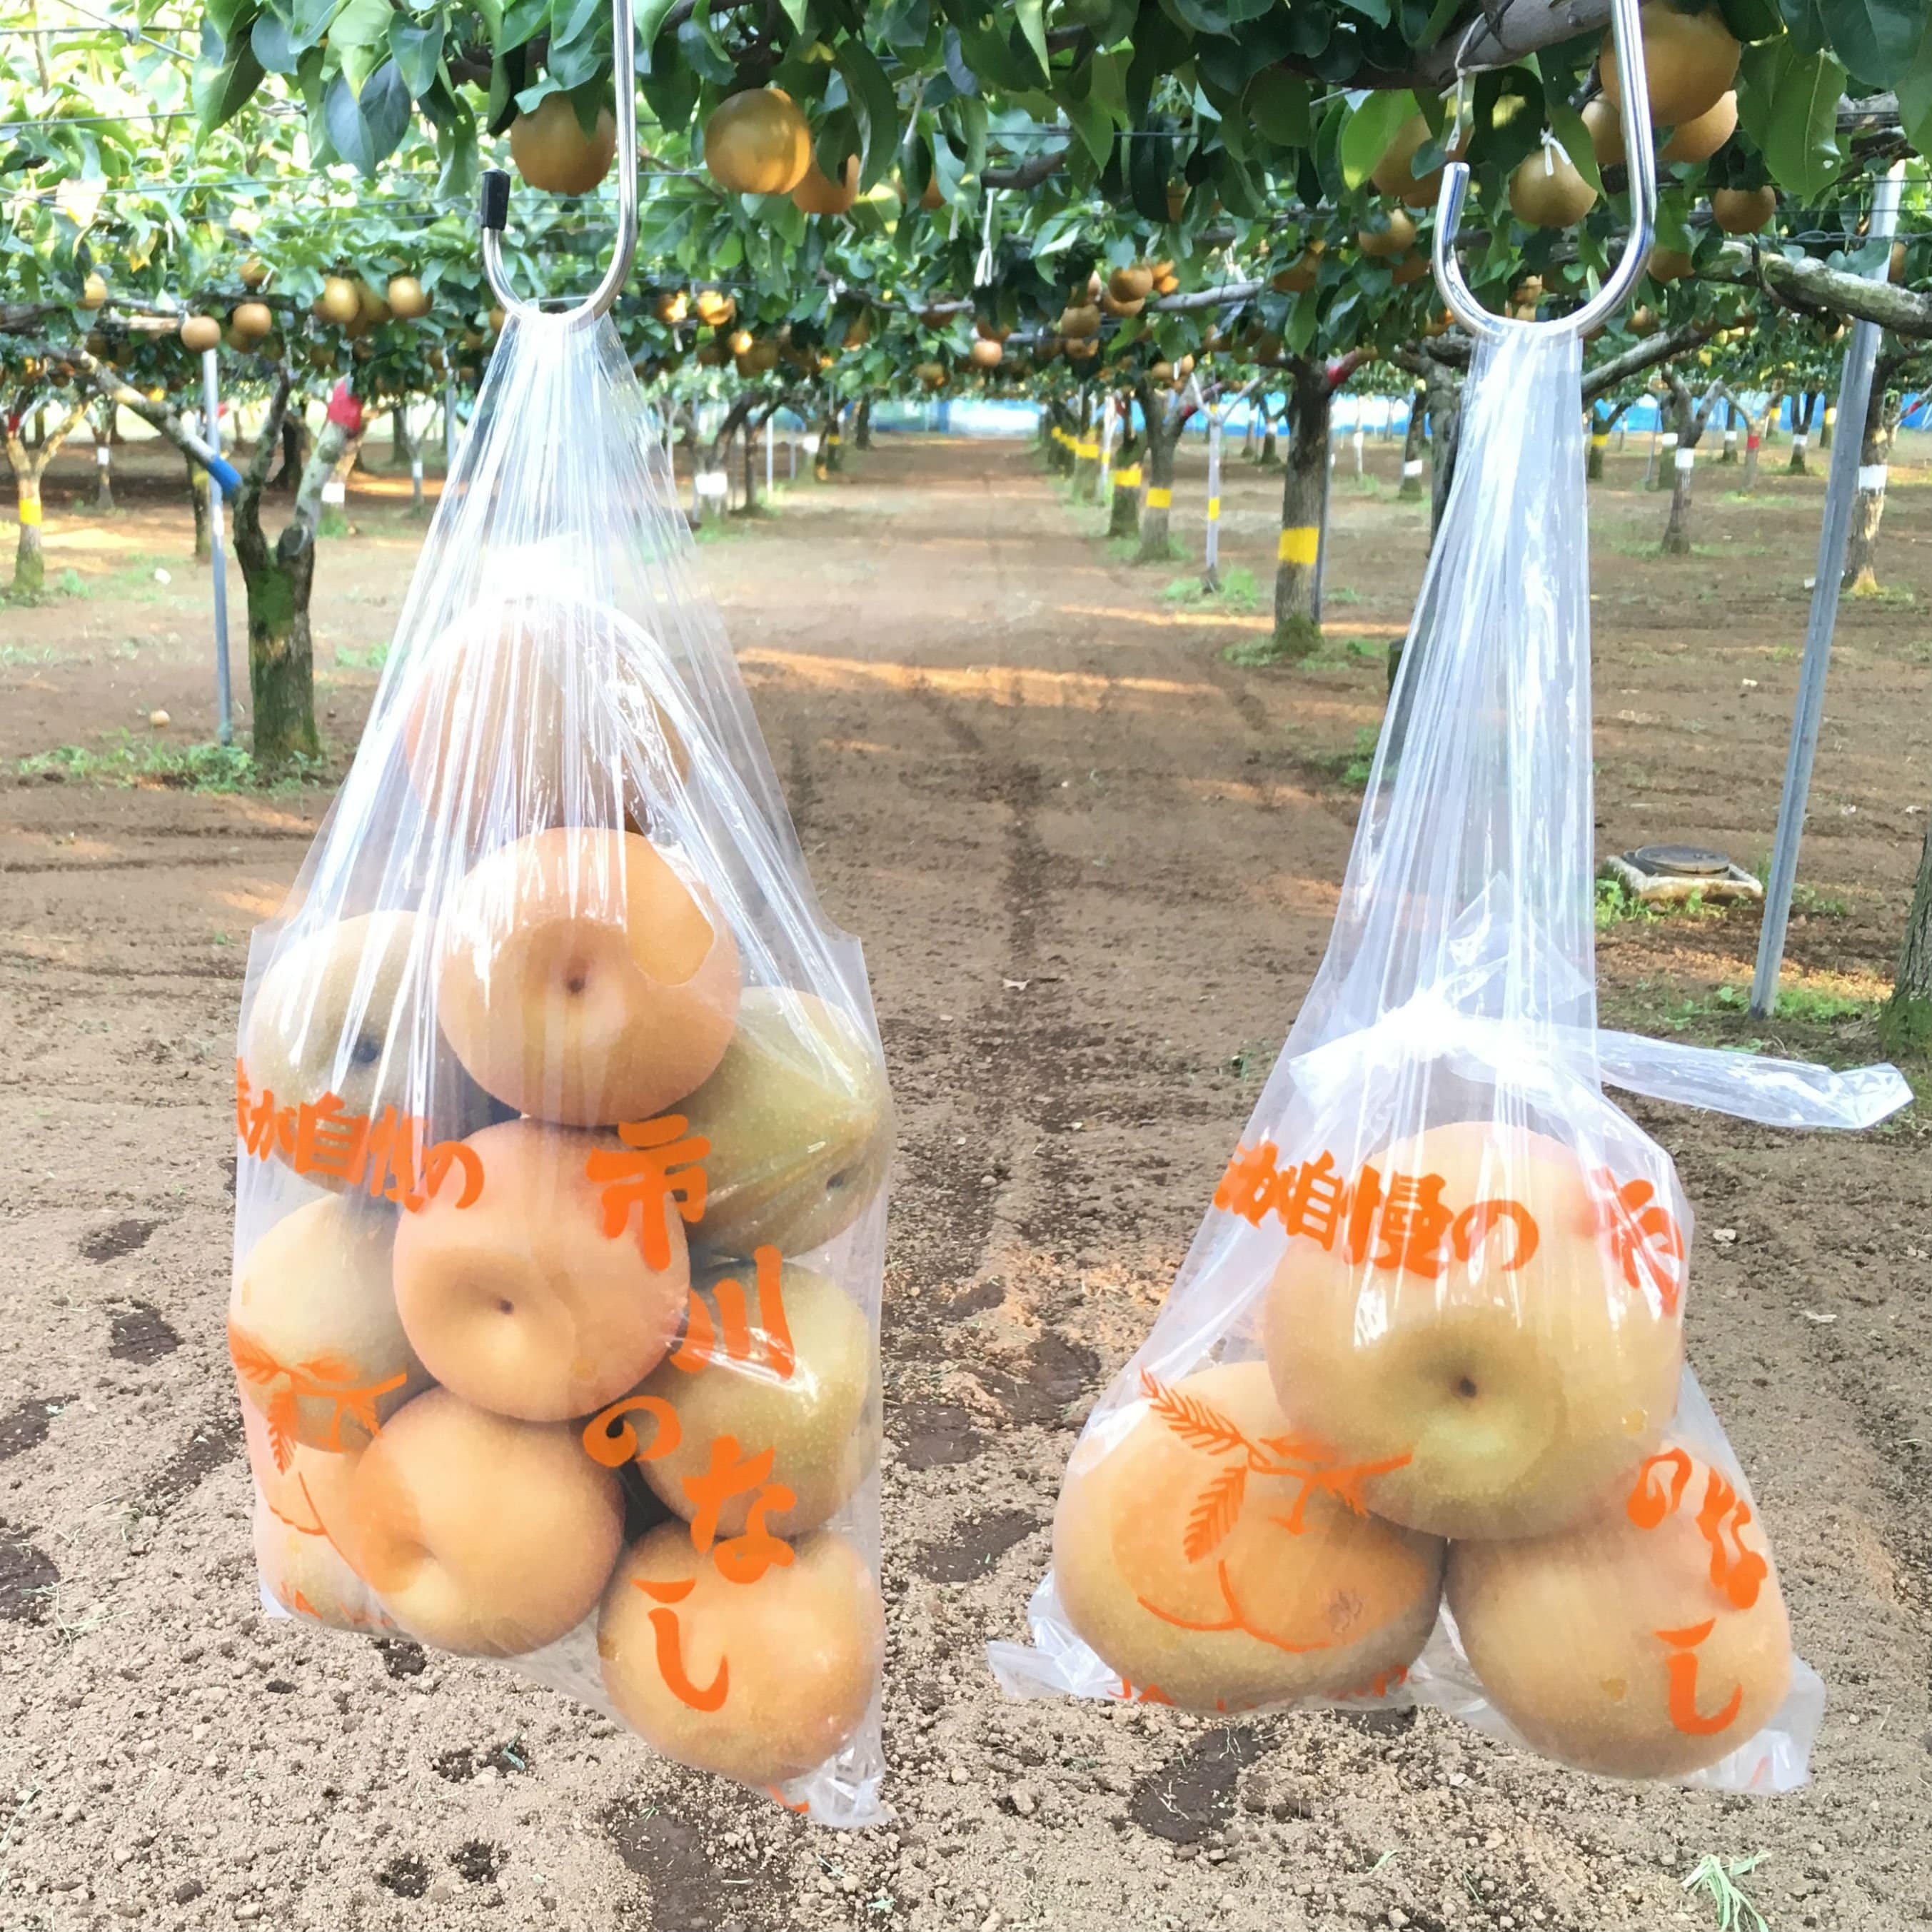 〜梨狩り体験〜 旬の梨をご自身で収穫してみてください♪ 梨狩り袋(3〜4㎏相当)&お得用梨袋(約2㎏)セットのイメージその1